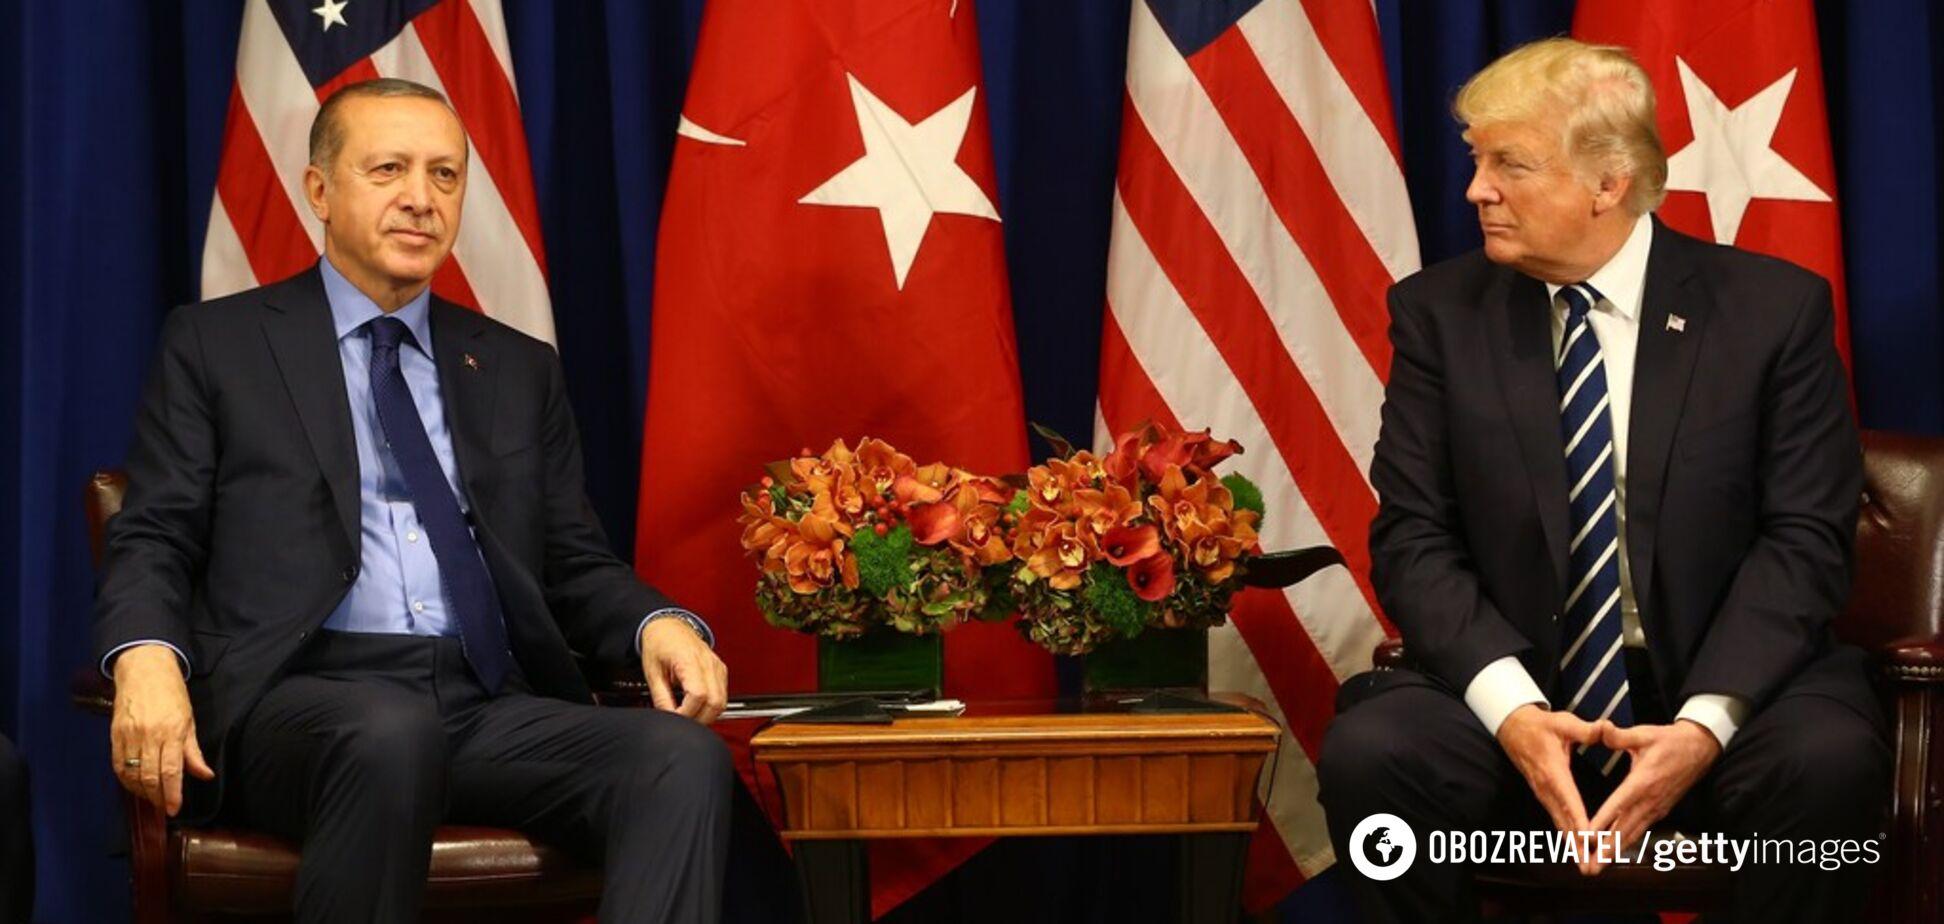 Трамп пригрозил Турции адскими санкциями: Эрдоган ответил